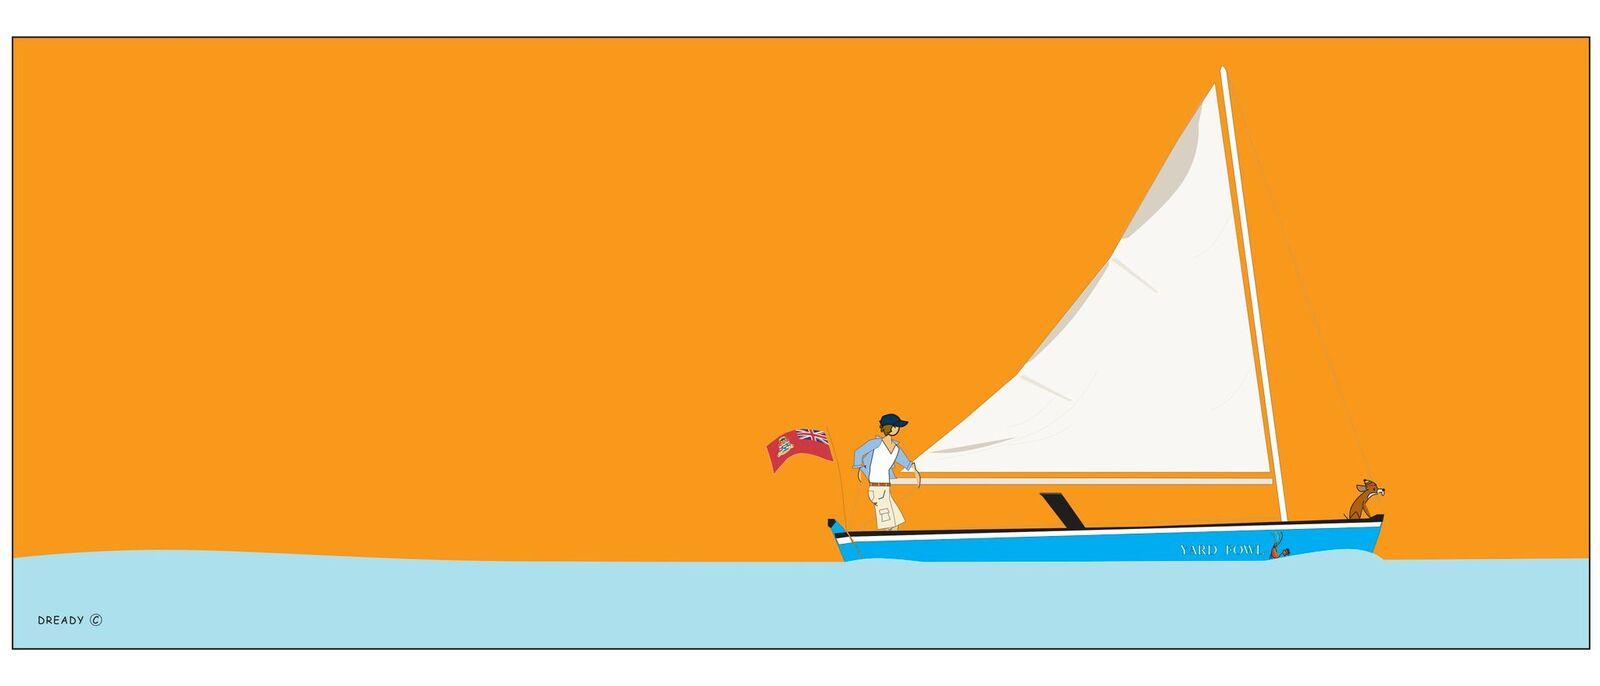 Dready, Cat Boat